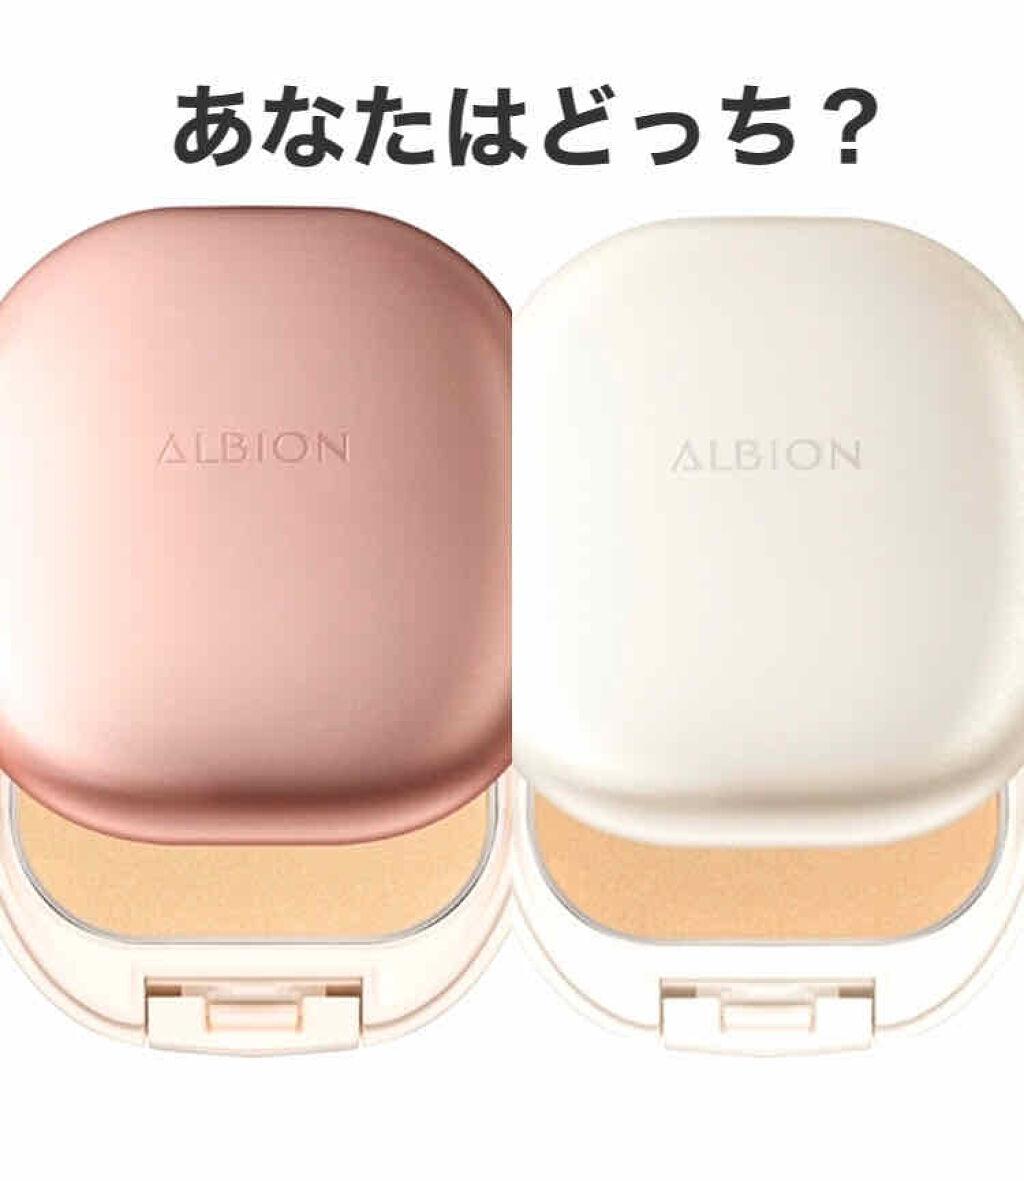 ファンデーション アルビオン アルビオンファンデーションの色選びと使い方!口コミと成分からあなたに合うかチェック